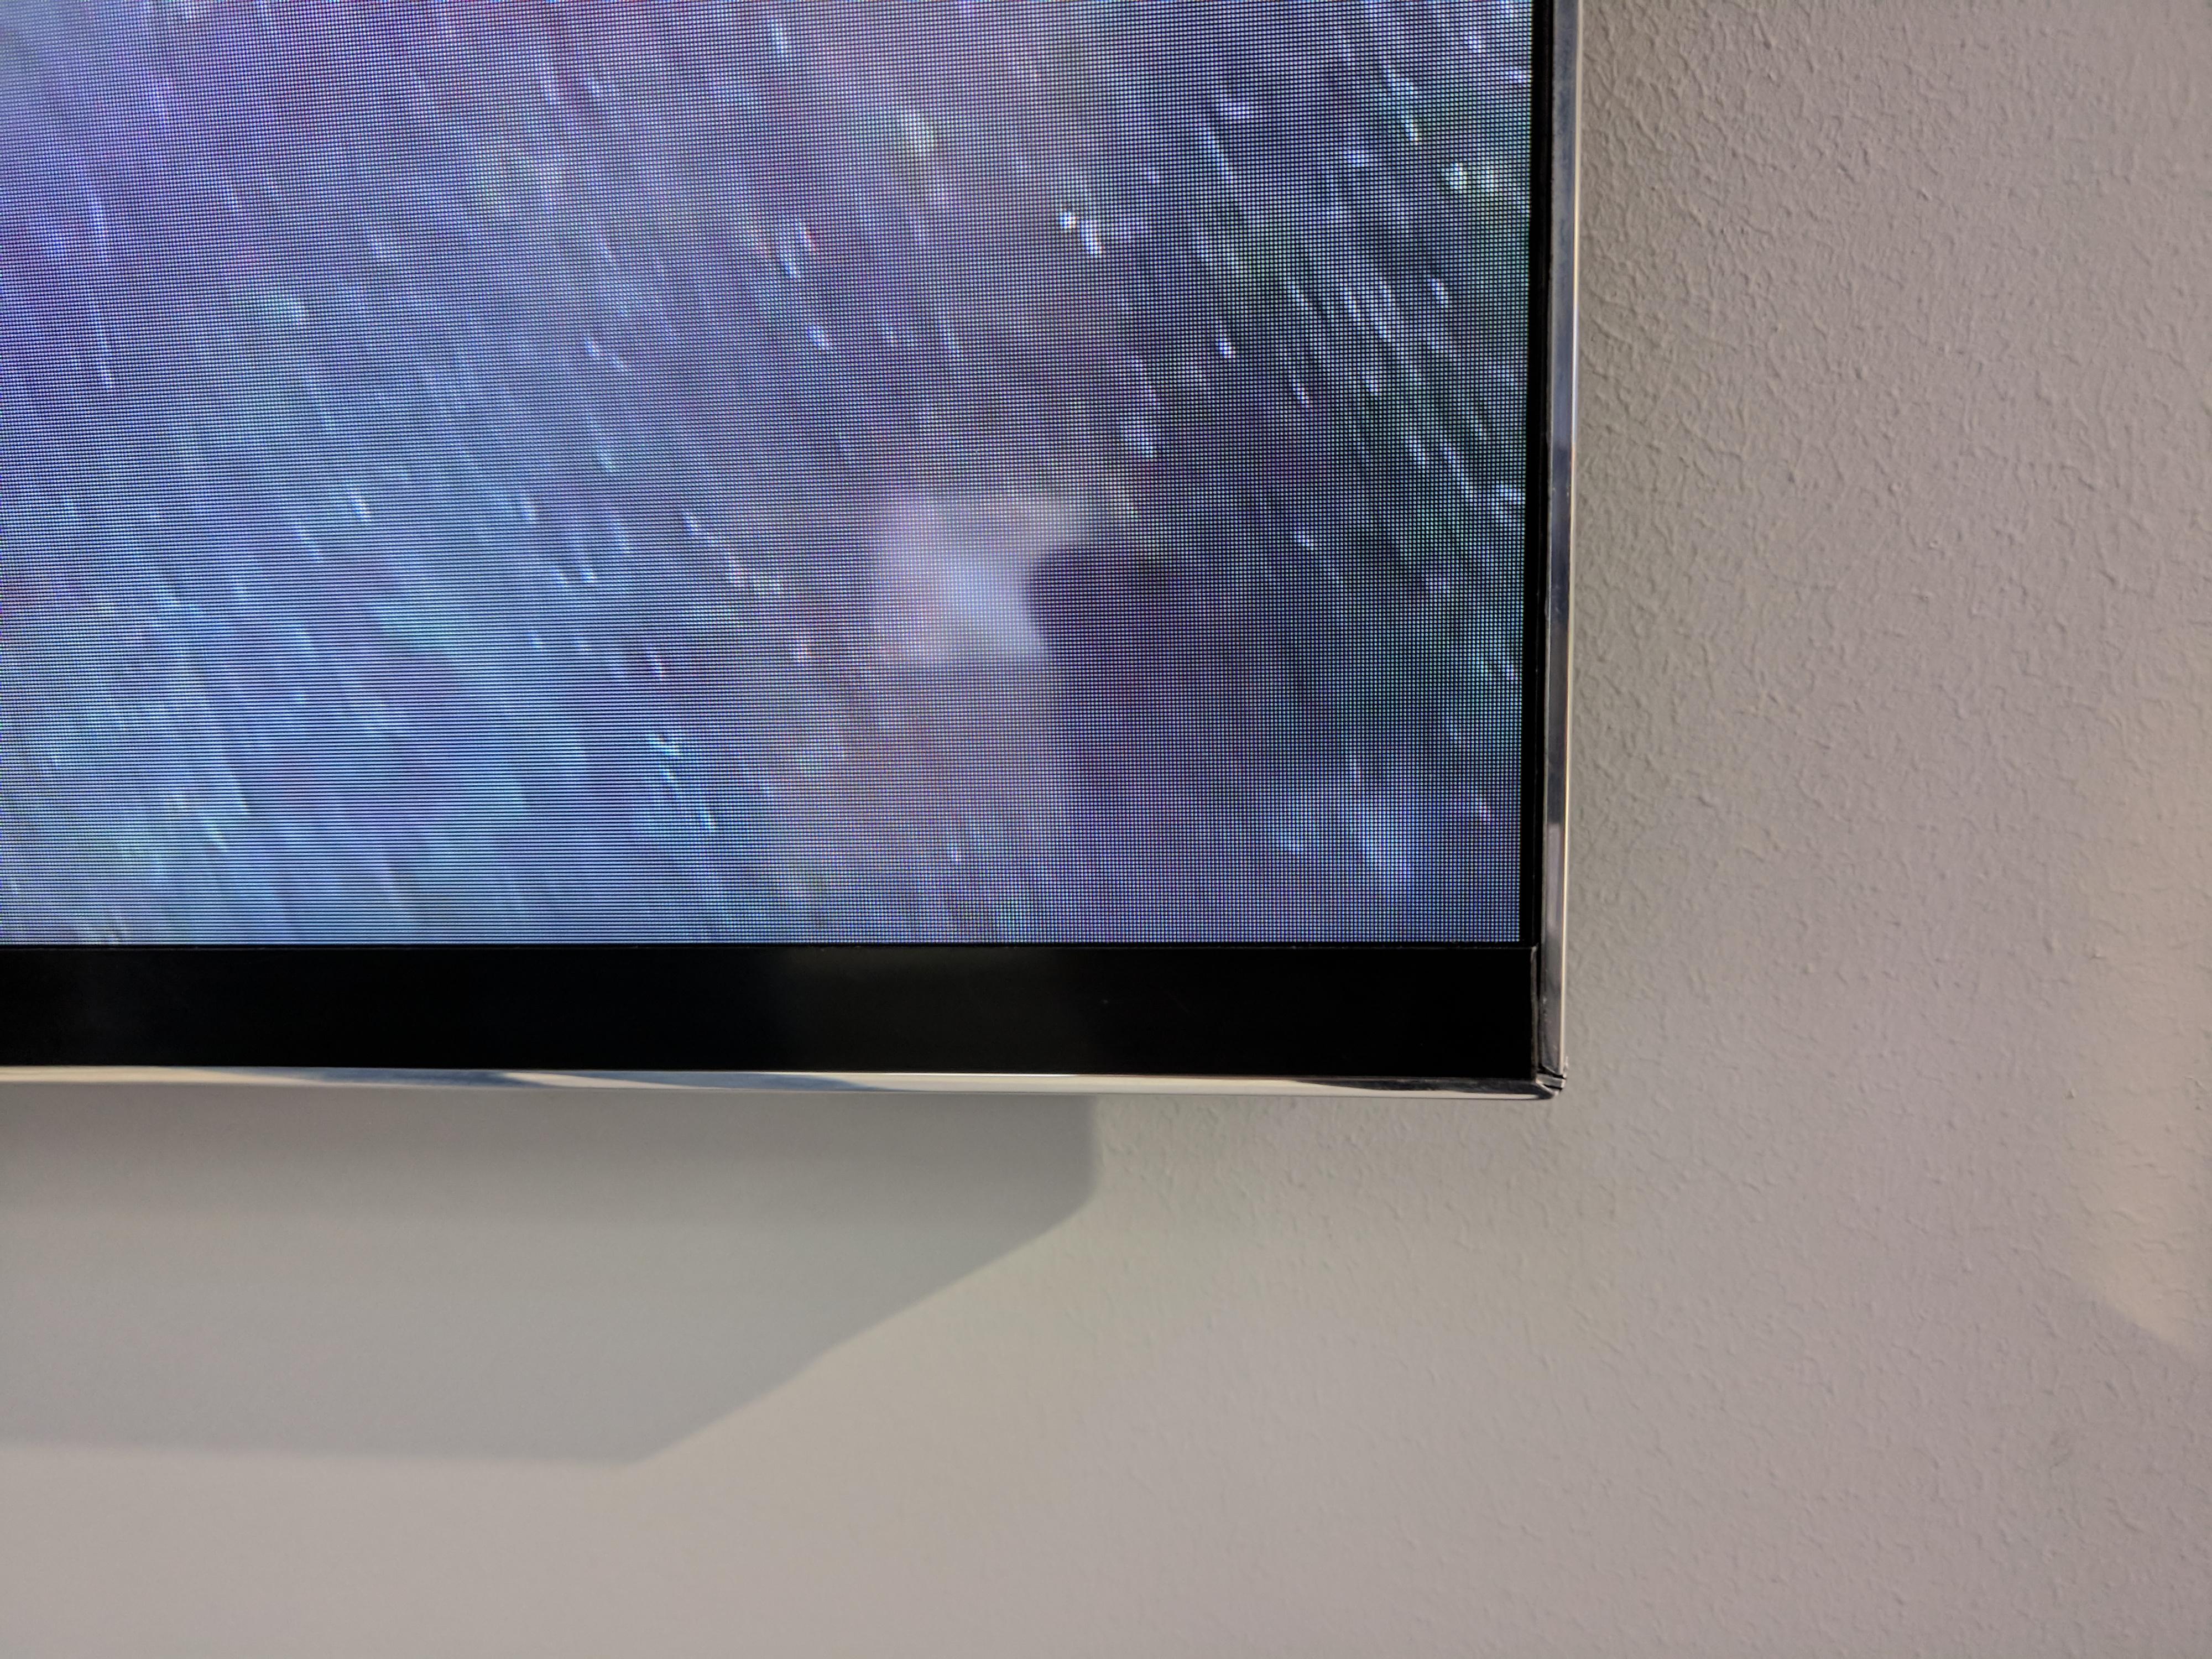 Apreciamos el mínimo marco en la TV